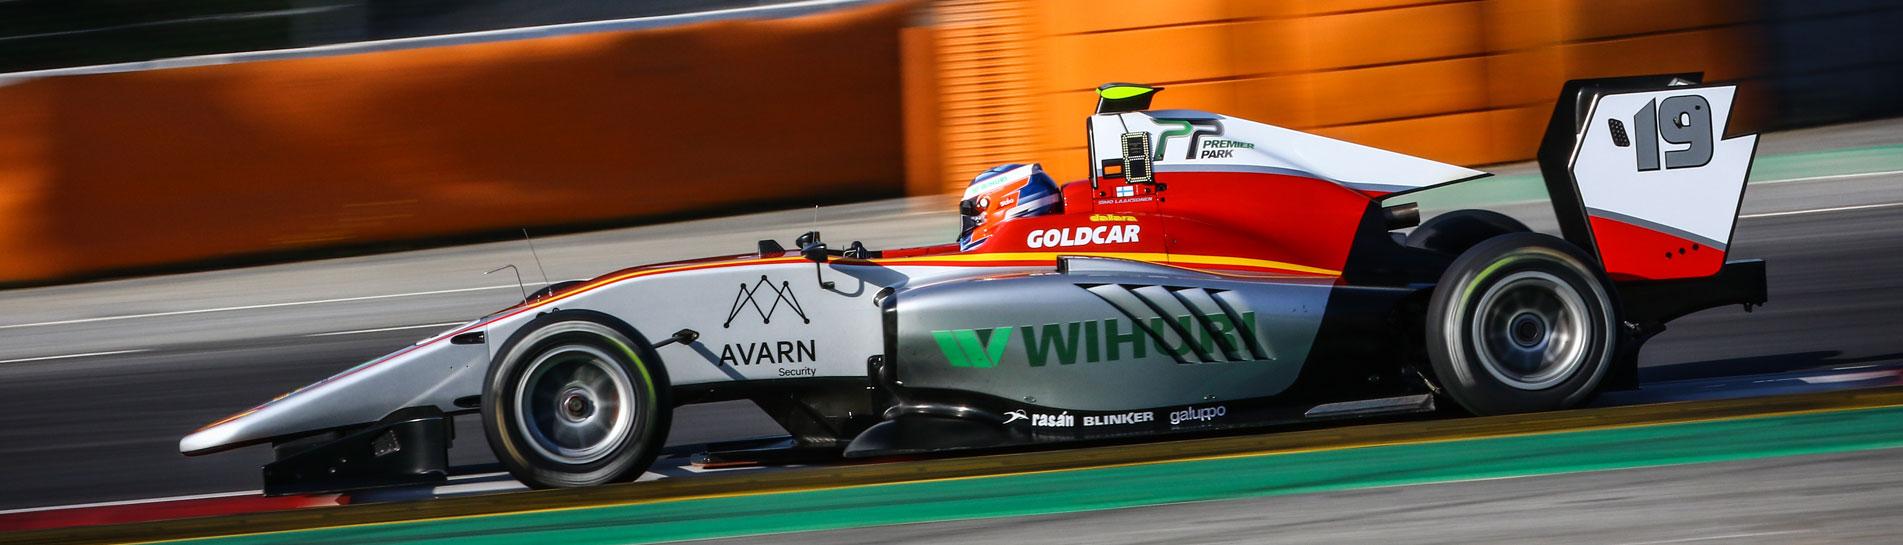 Avarn Security tukee GP3-kuljettaja Simo Laaksosta